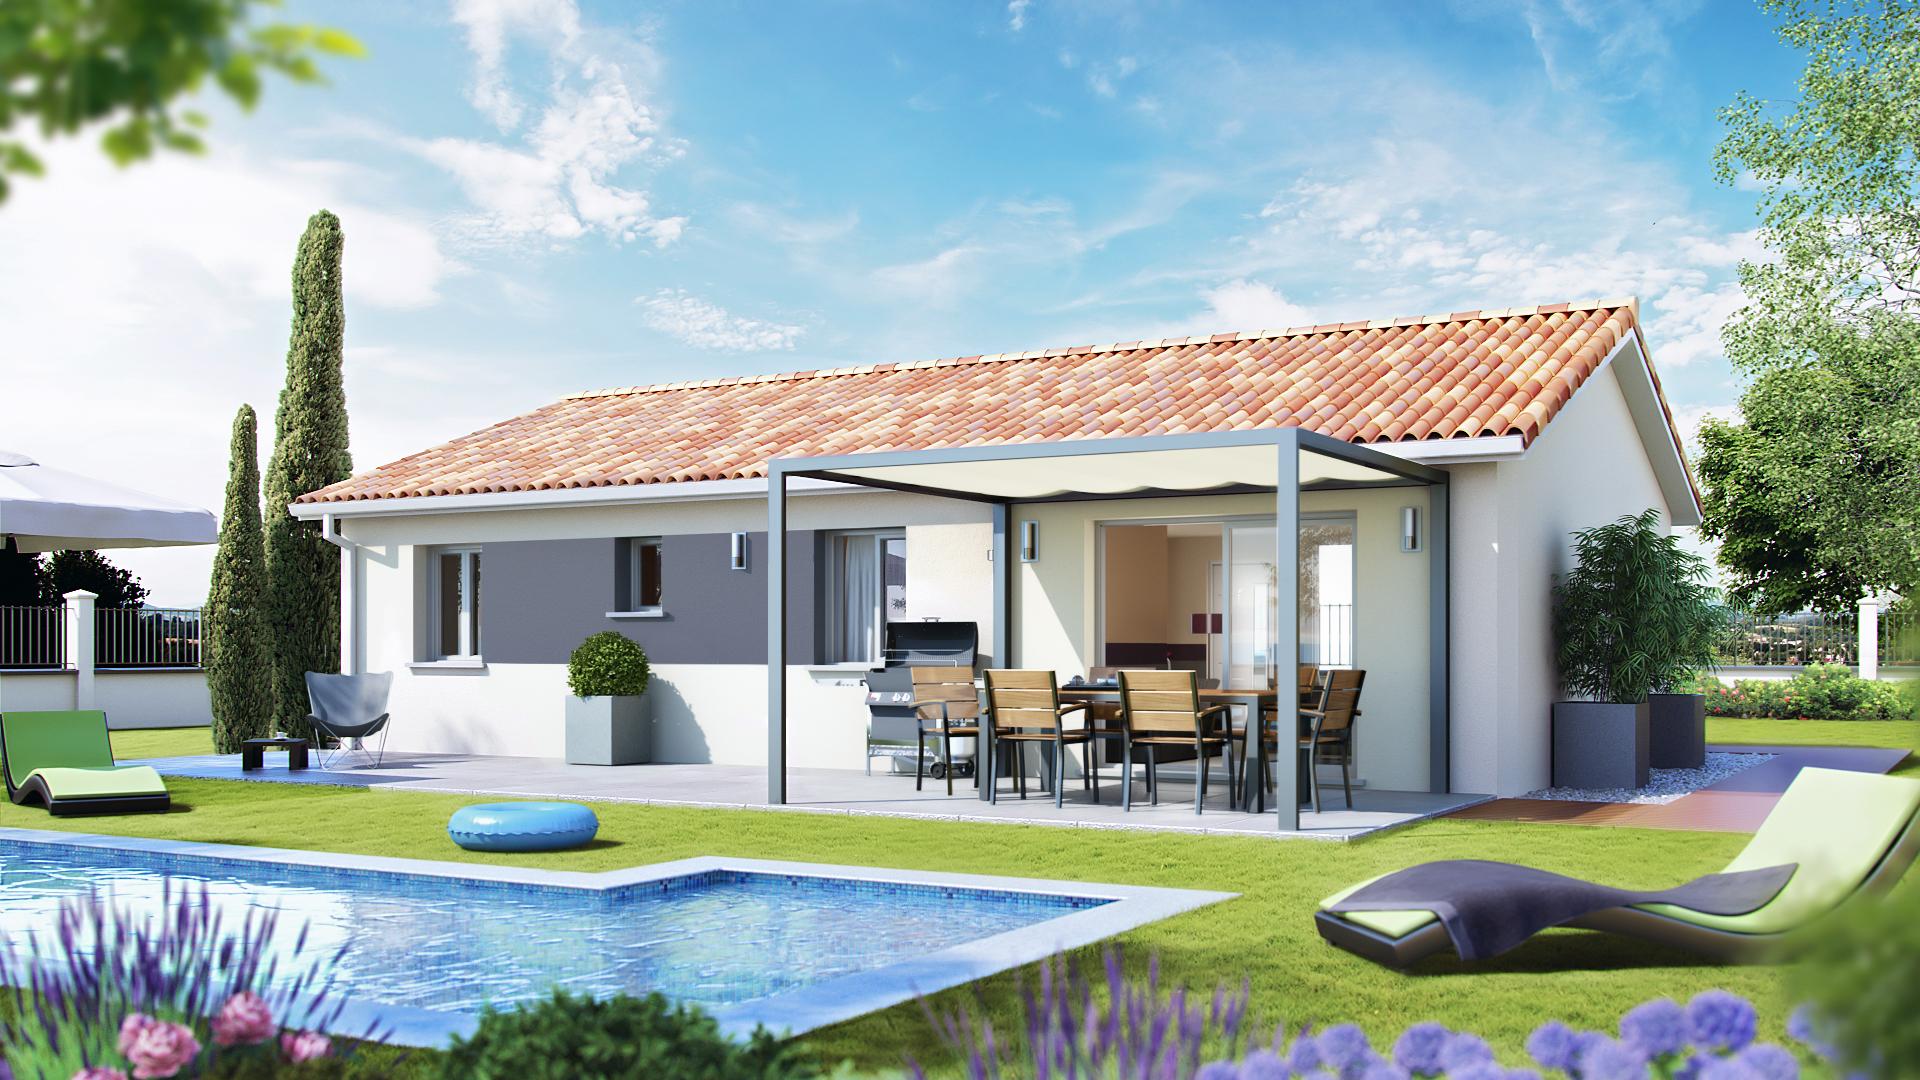 Nouveau lotissement montartier top duo montauban for Constructeur maison individuelle montauban